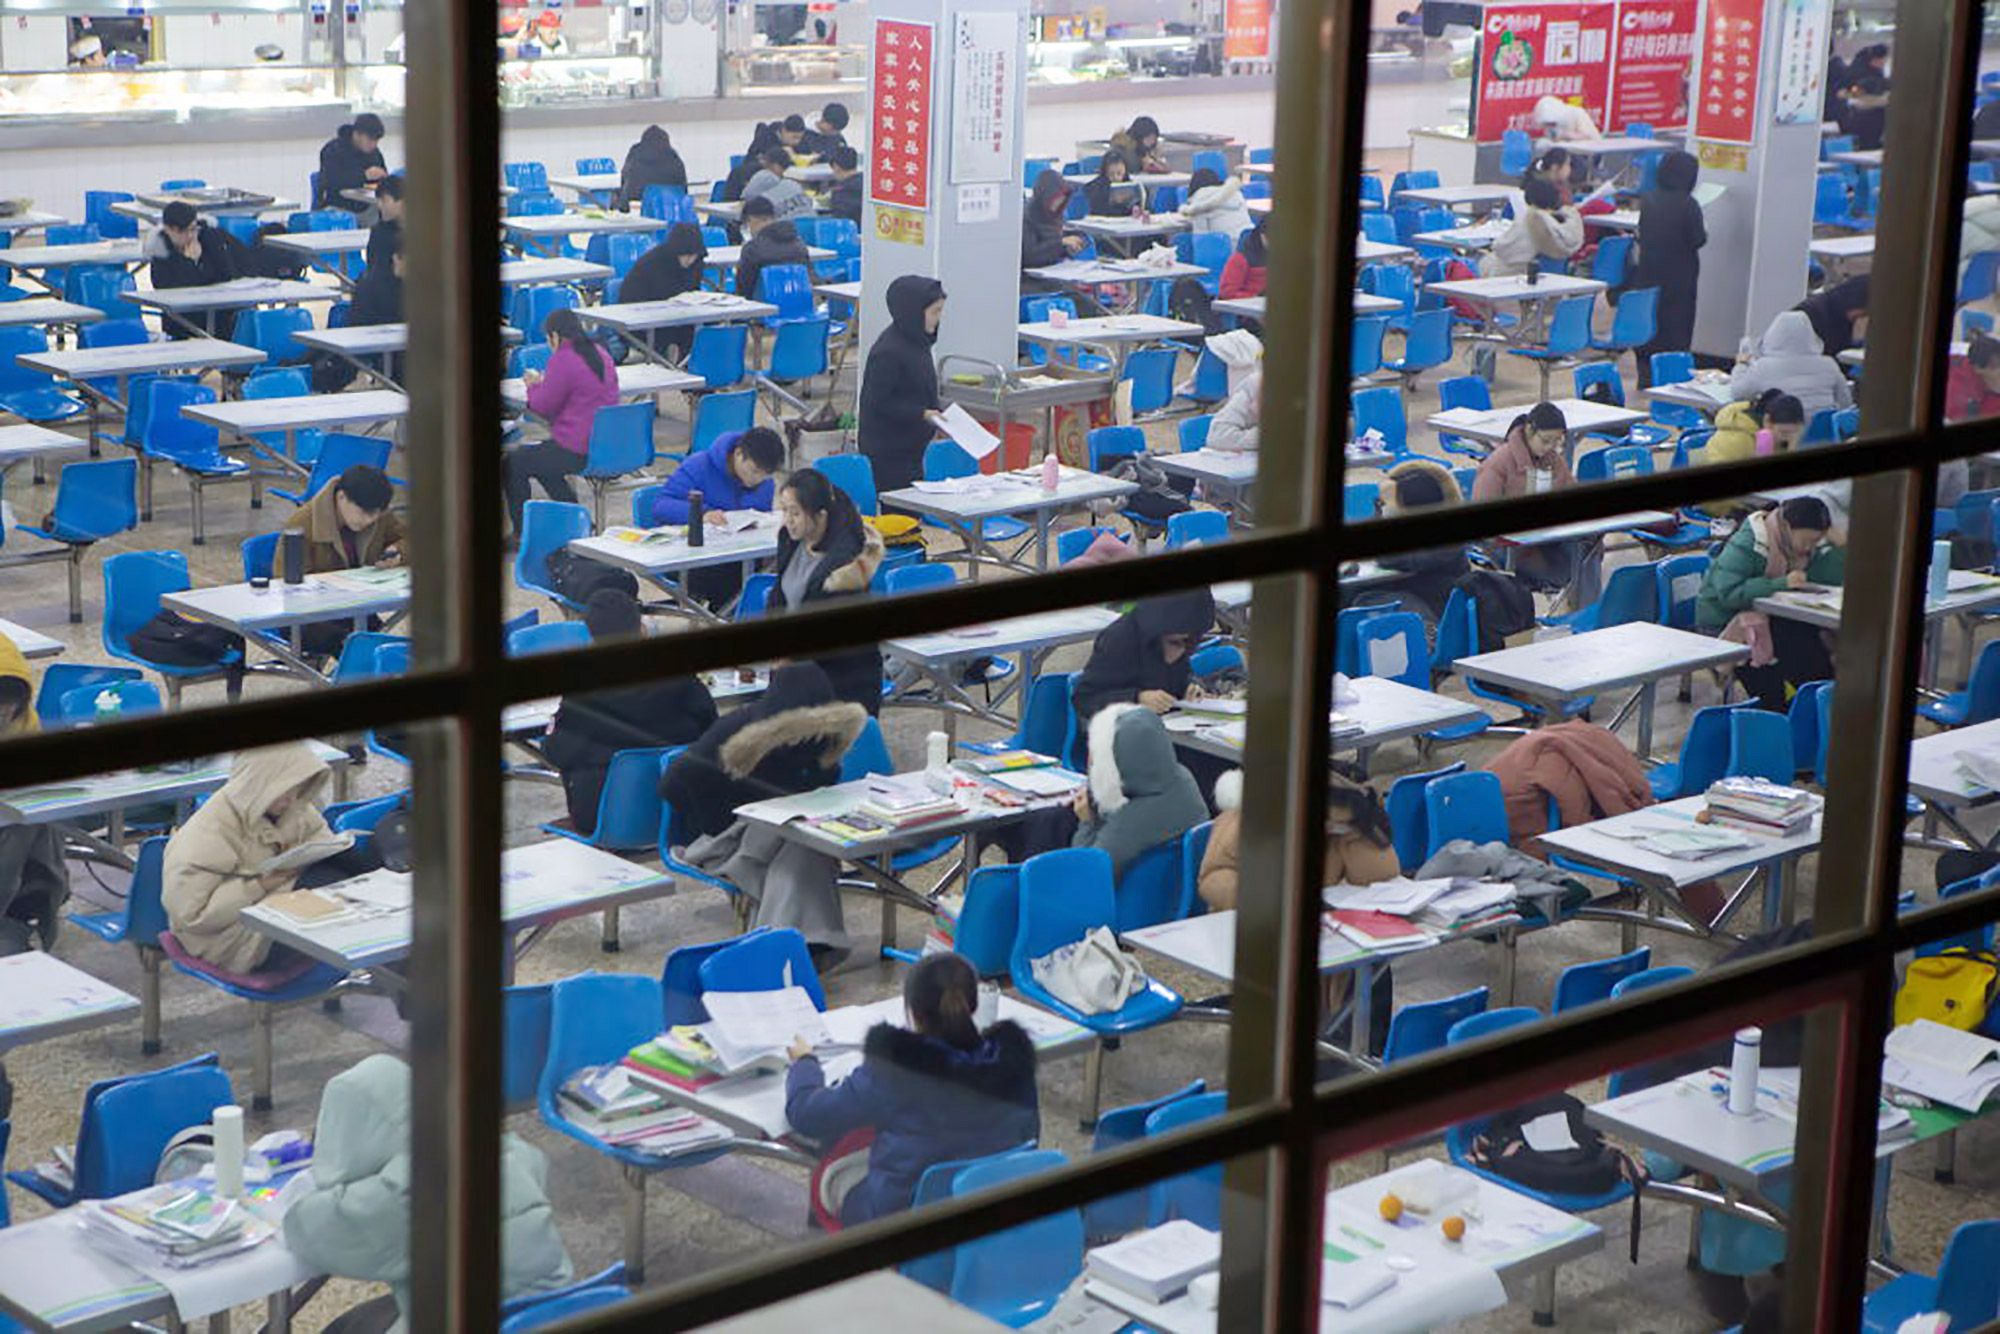 中国、海外留学に必要な「TOEFL」などの試験を中止 - Bloomberg